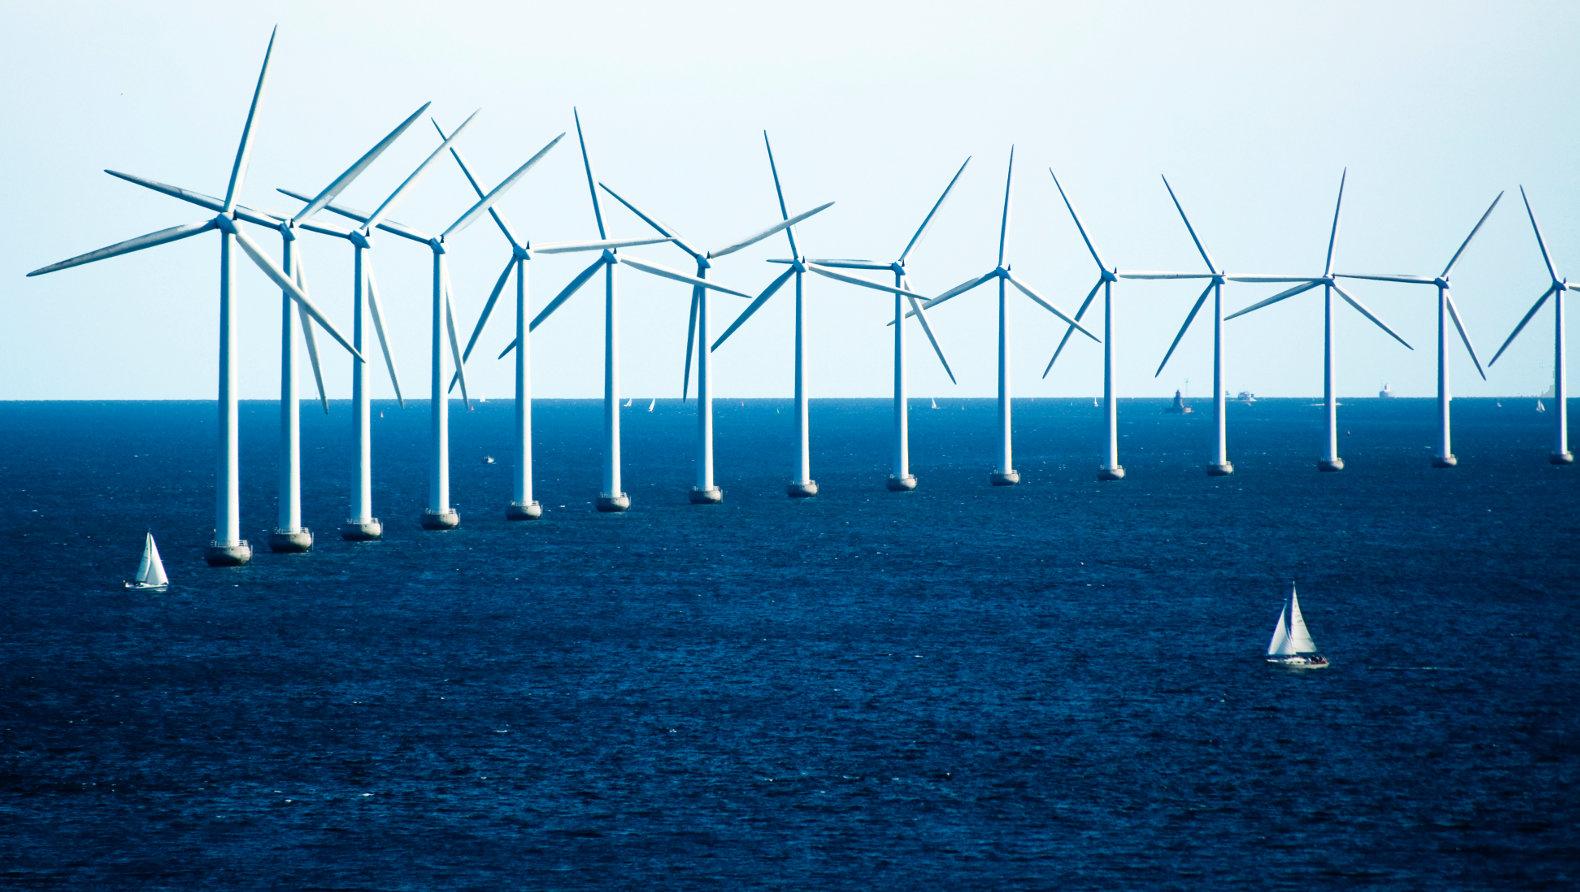 Danimarka'nın Rüzgar Enerjisindeki Başarısı